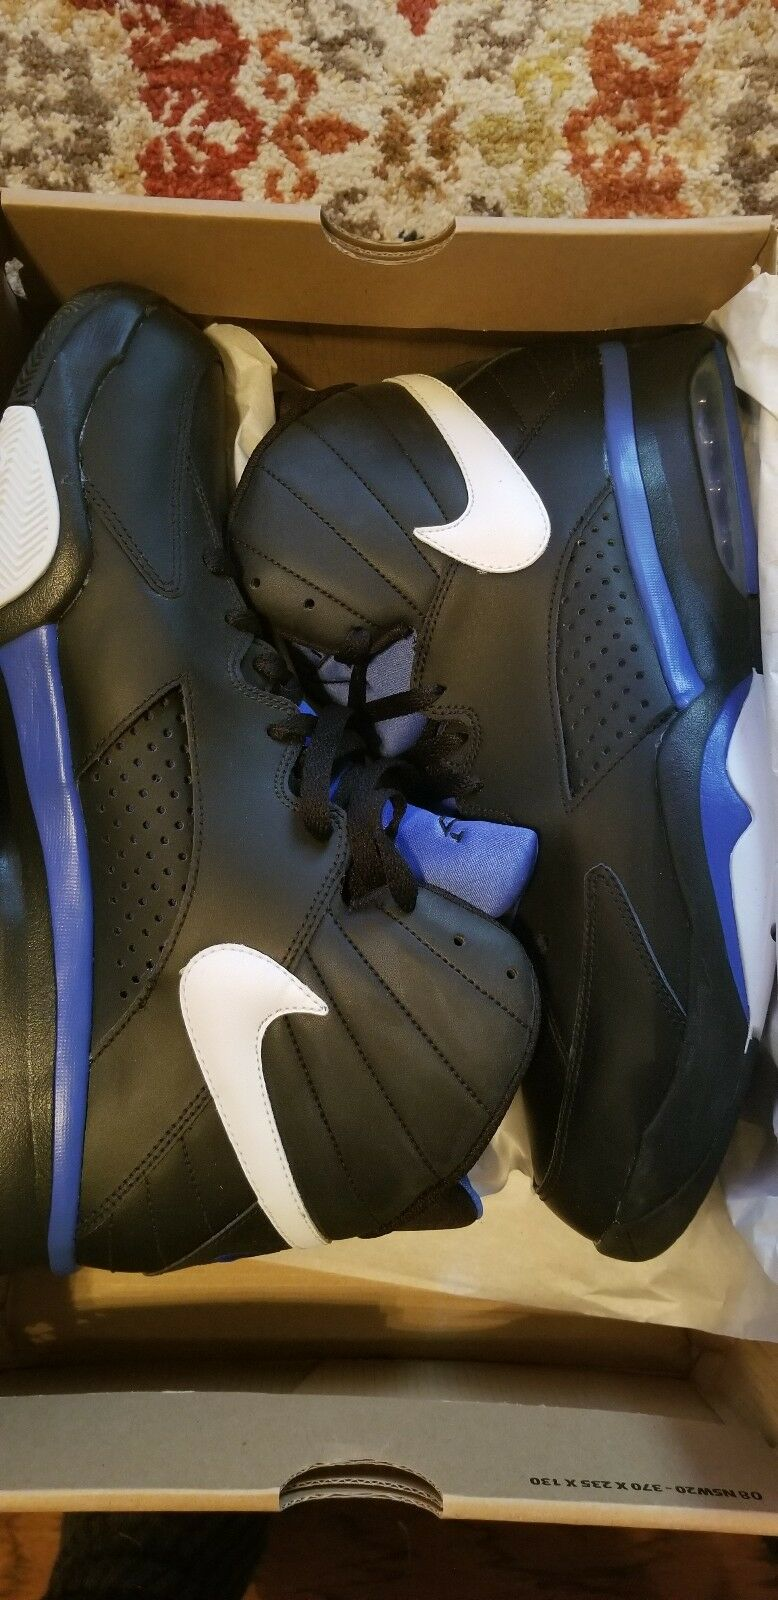 Nike air max maestro volo pippen nero / blu ritmo 472499-040 sz 12